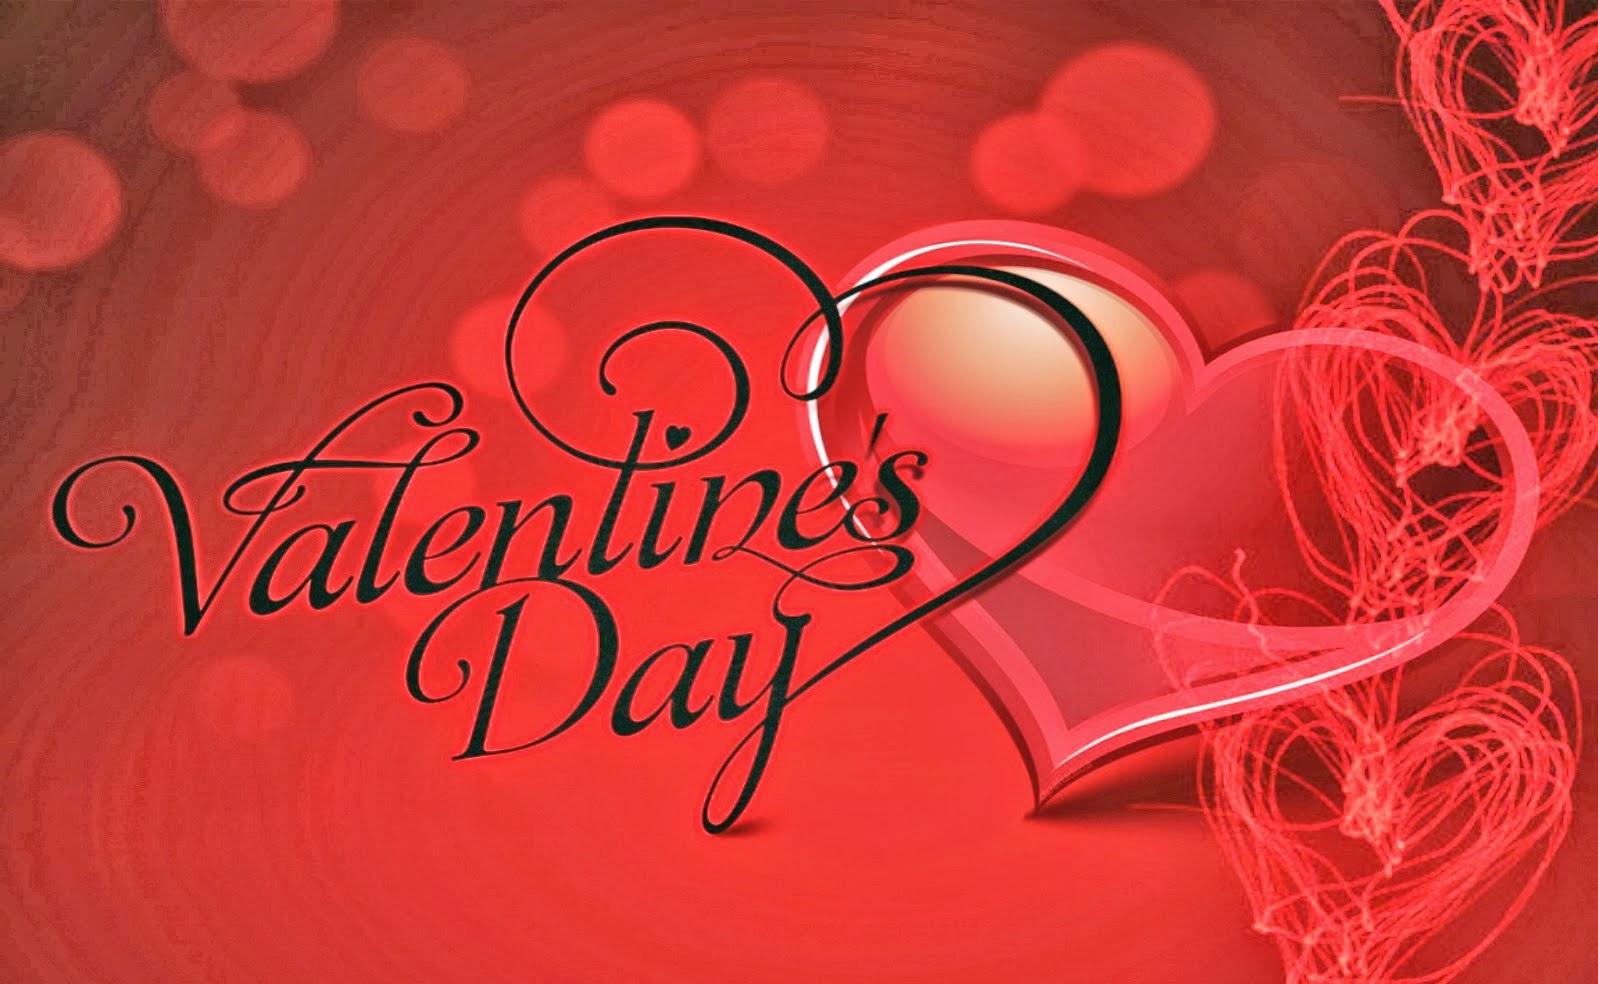 Amazing Happy Valentines Day